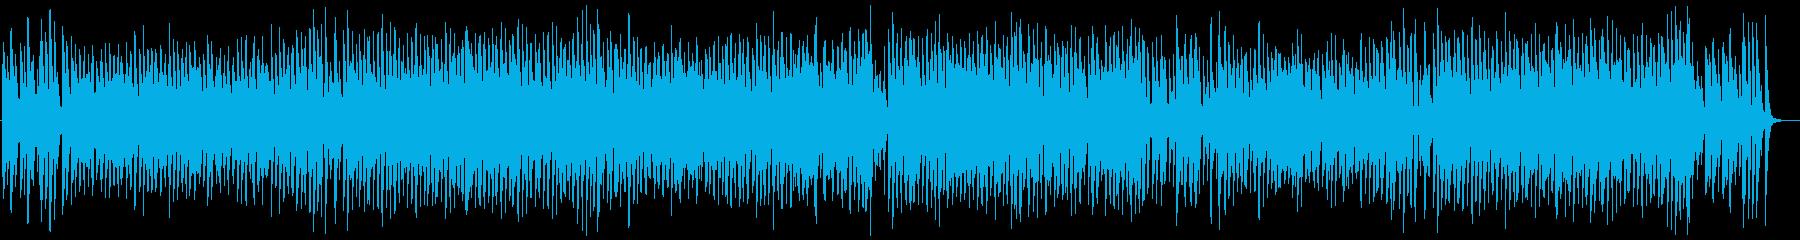 ジングルベル/ピアノトリオジャズの再生済みの波形